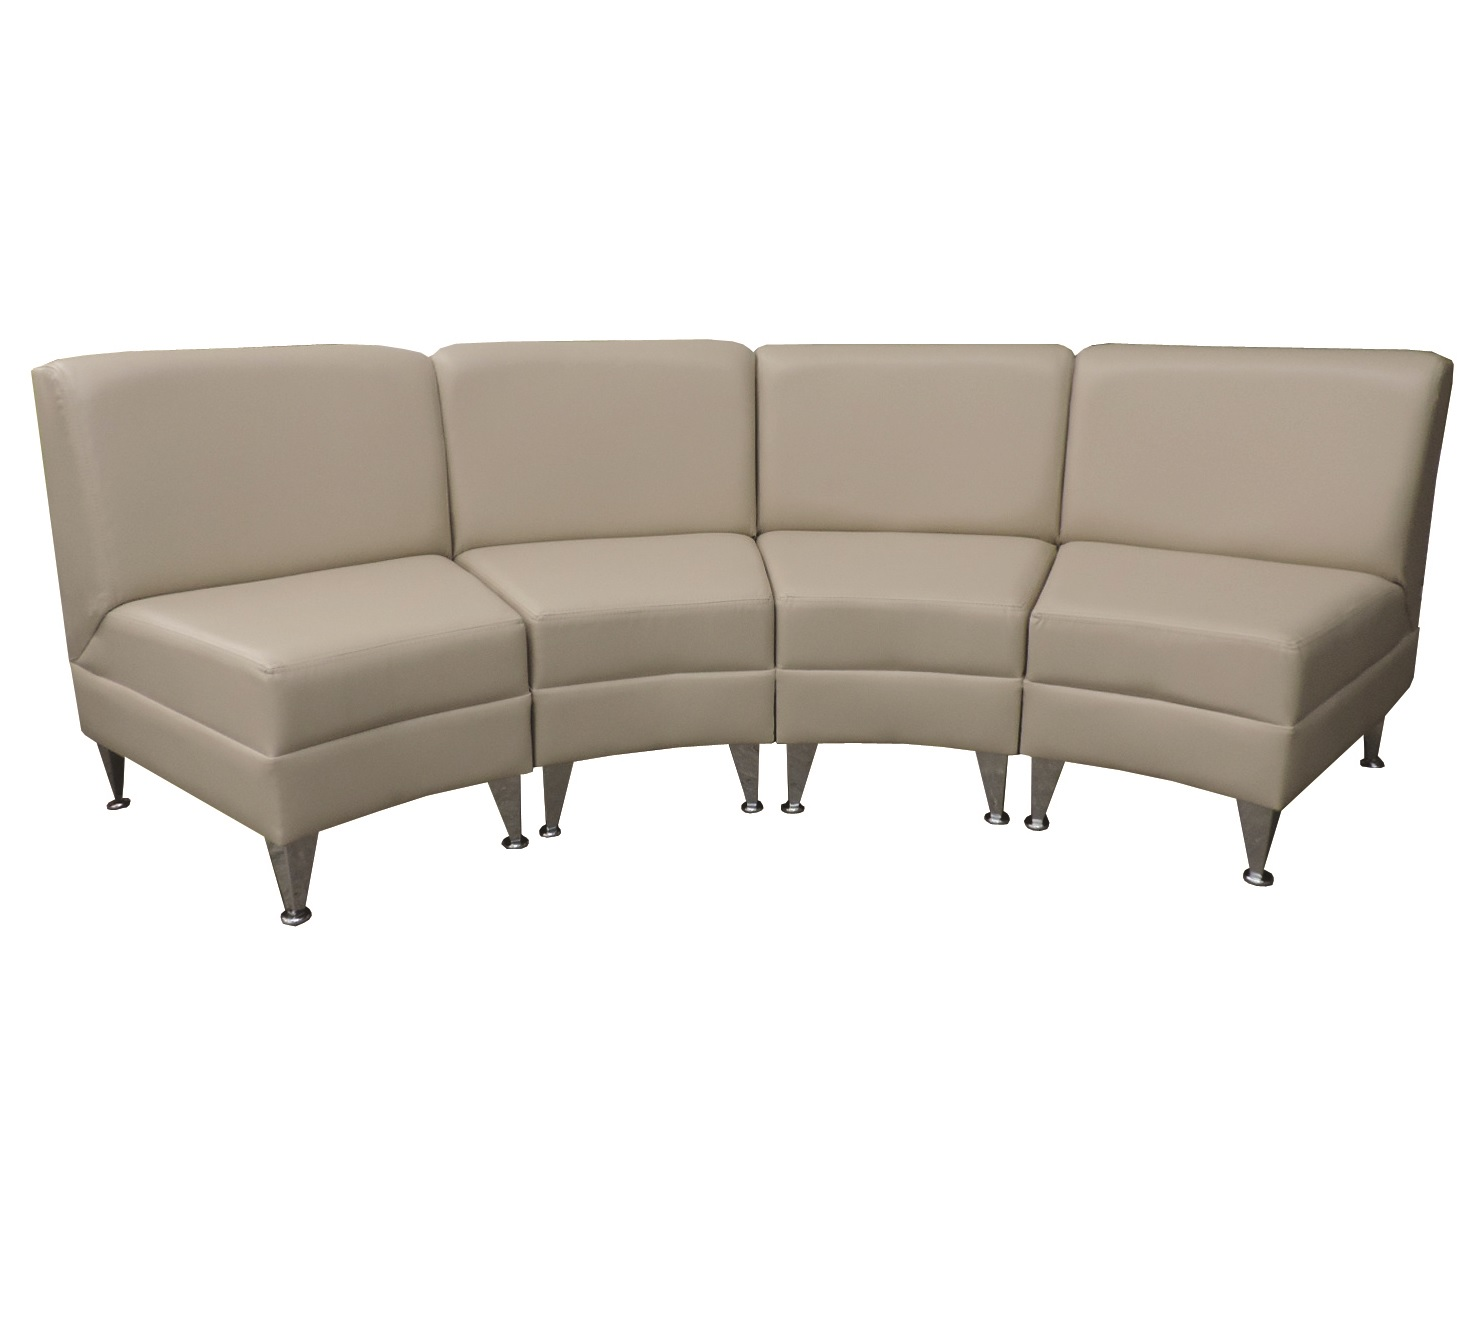 Sofa 880 grupo meta soluciones de limpieza muebles y for Sofa oficina